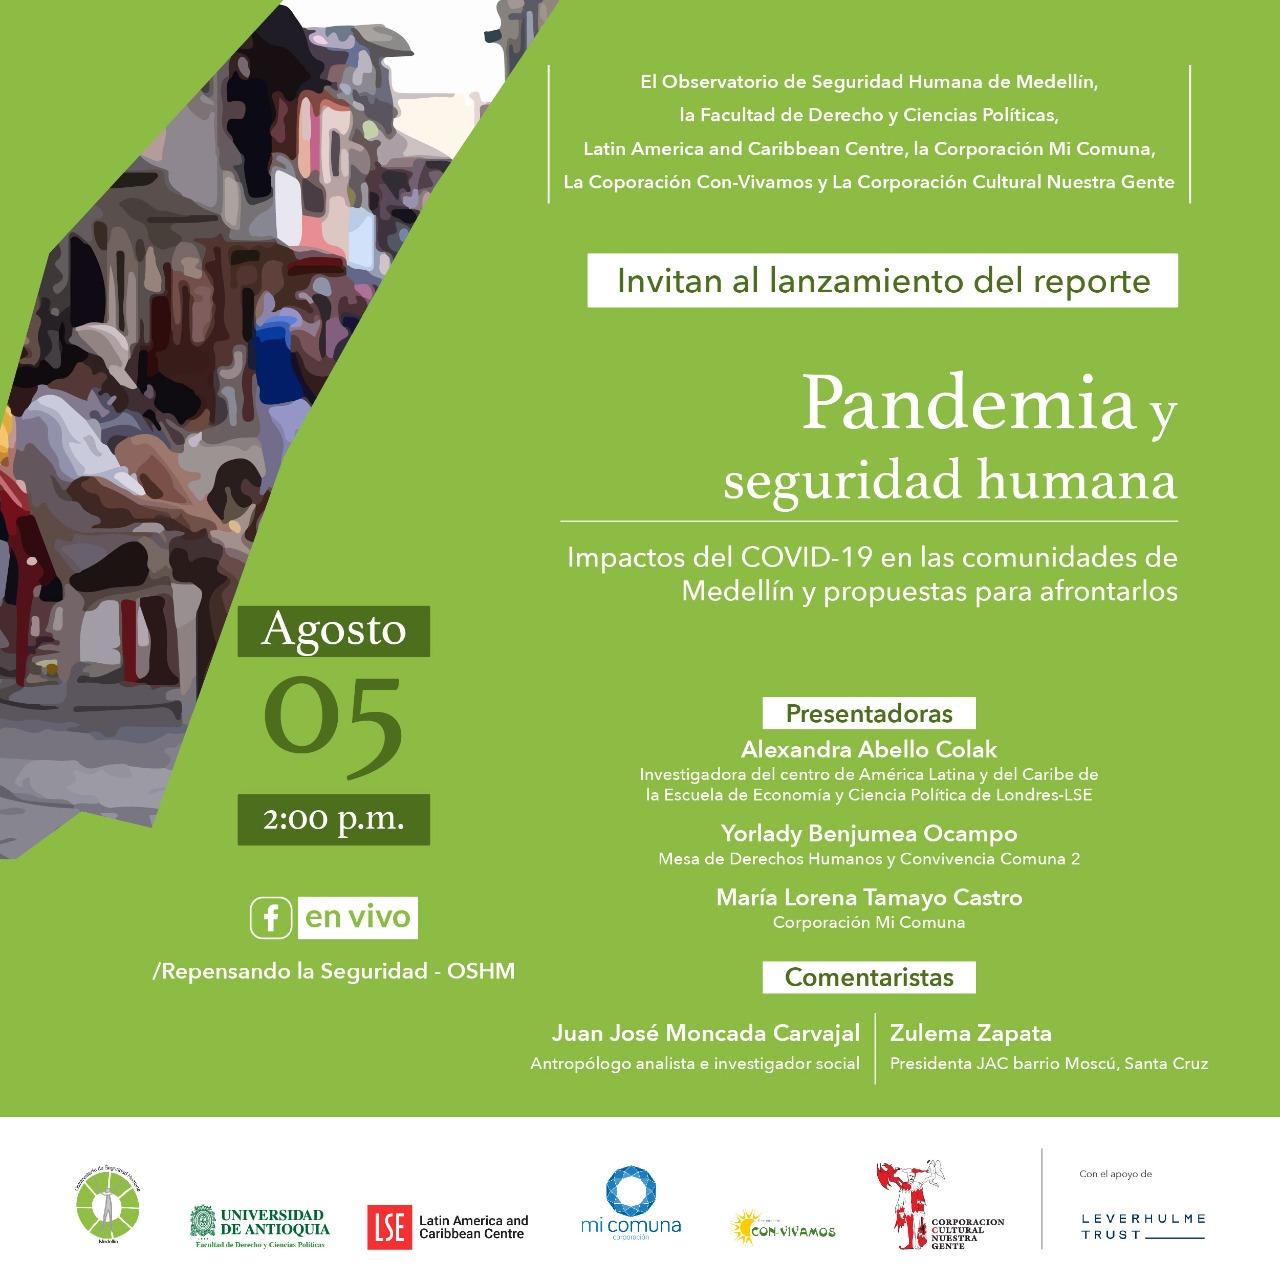 Lanzamiento del reporte Pandemia y Seguridad Humana